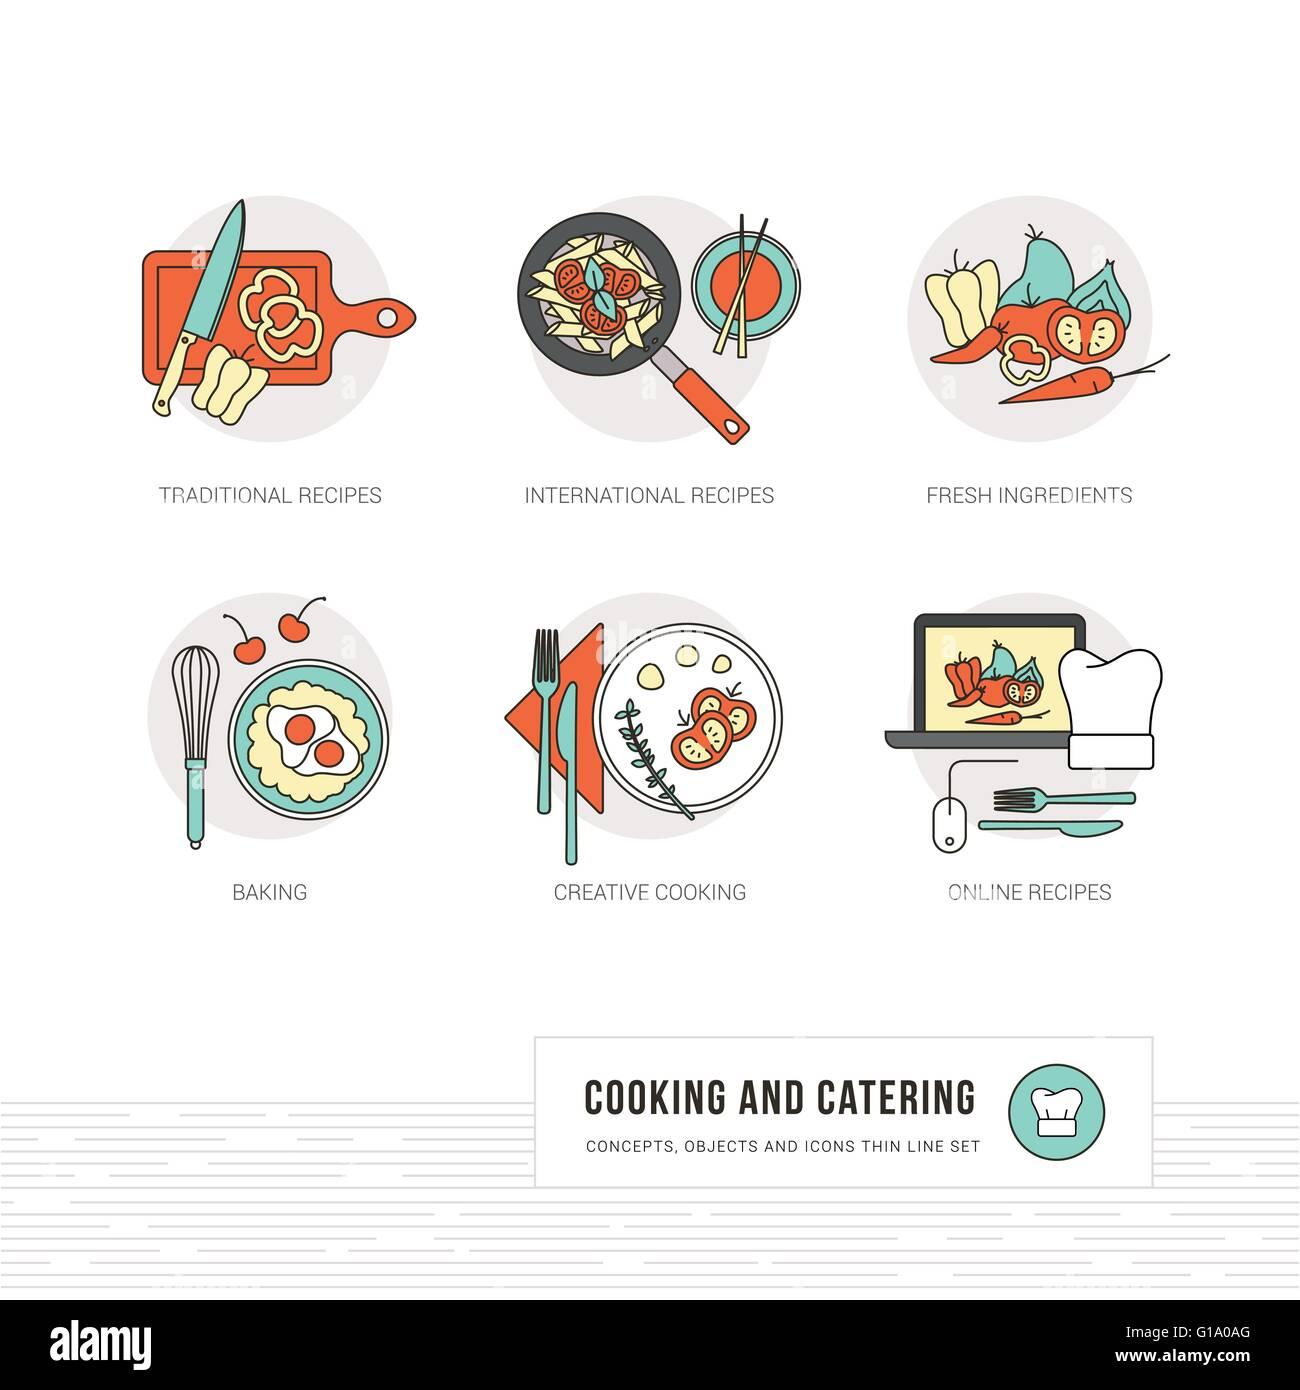 Tolle Internationale Küche Rezepte Bilder - Die Besten Wohnideen ...